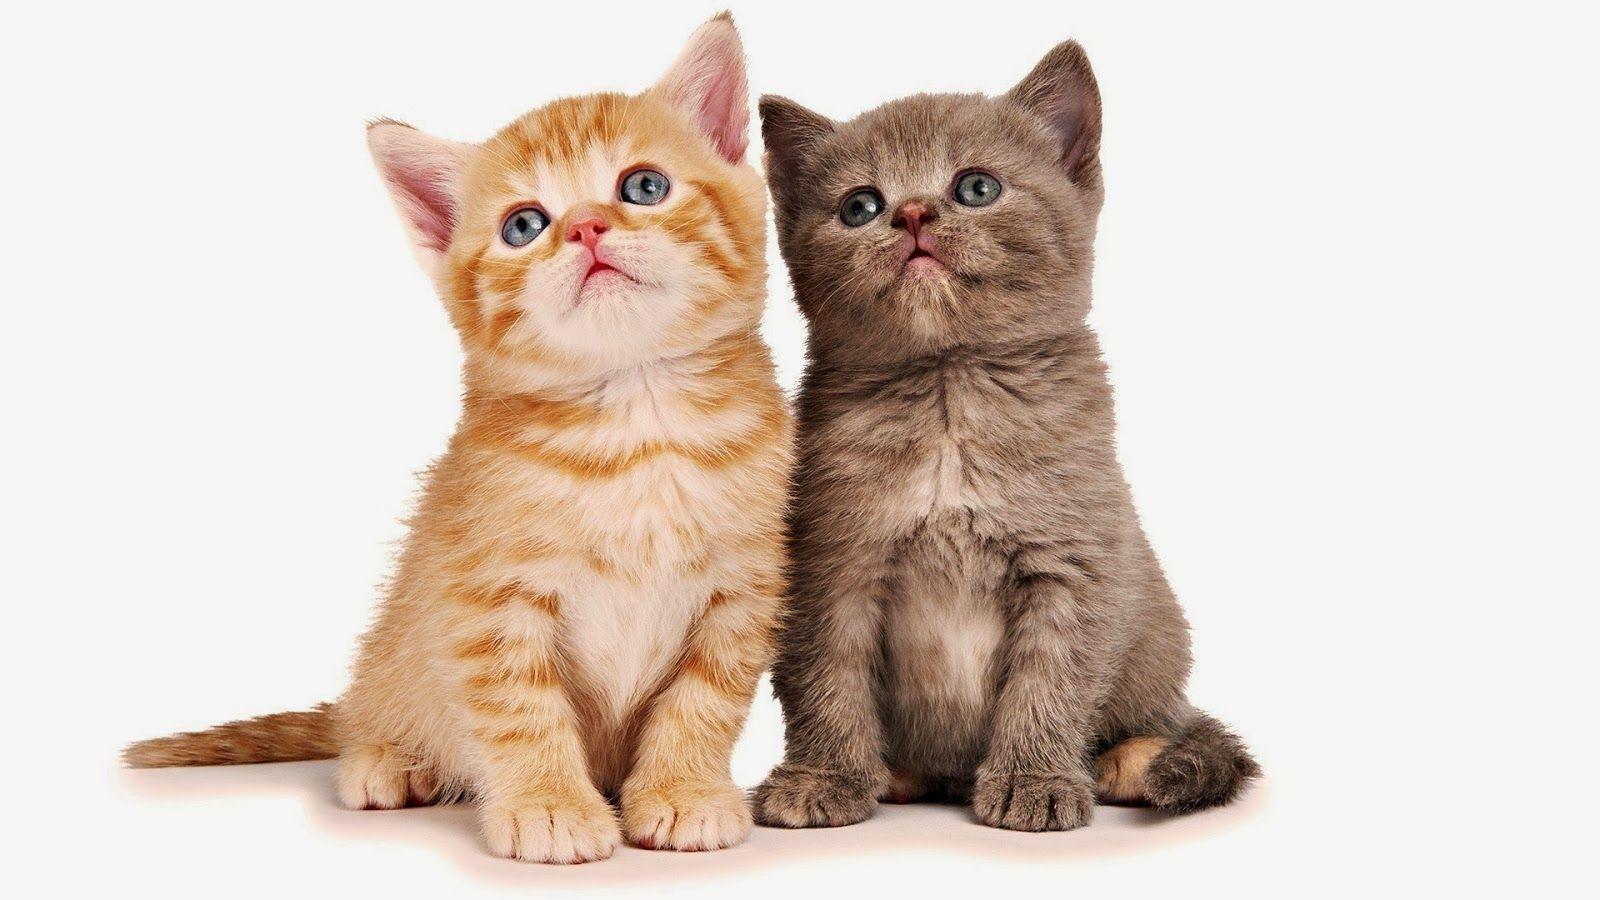 katzen mit zwei junge katzen als beste freunde hd. Black Bedroom Furniture Sets. Home Design Ideas